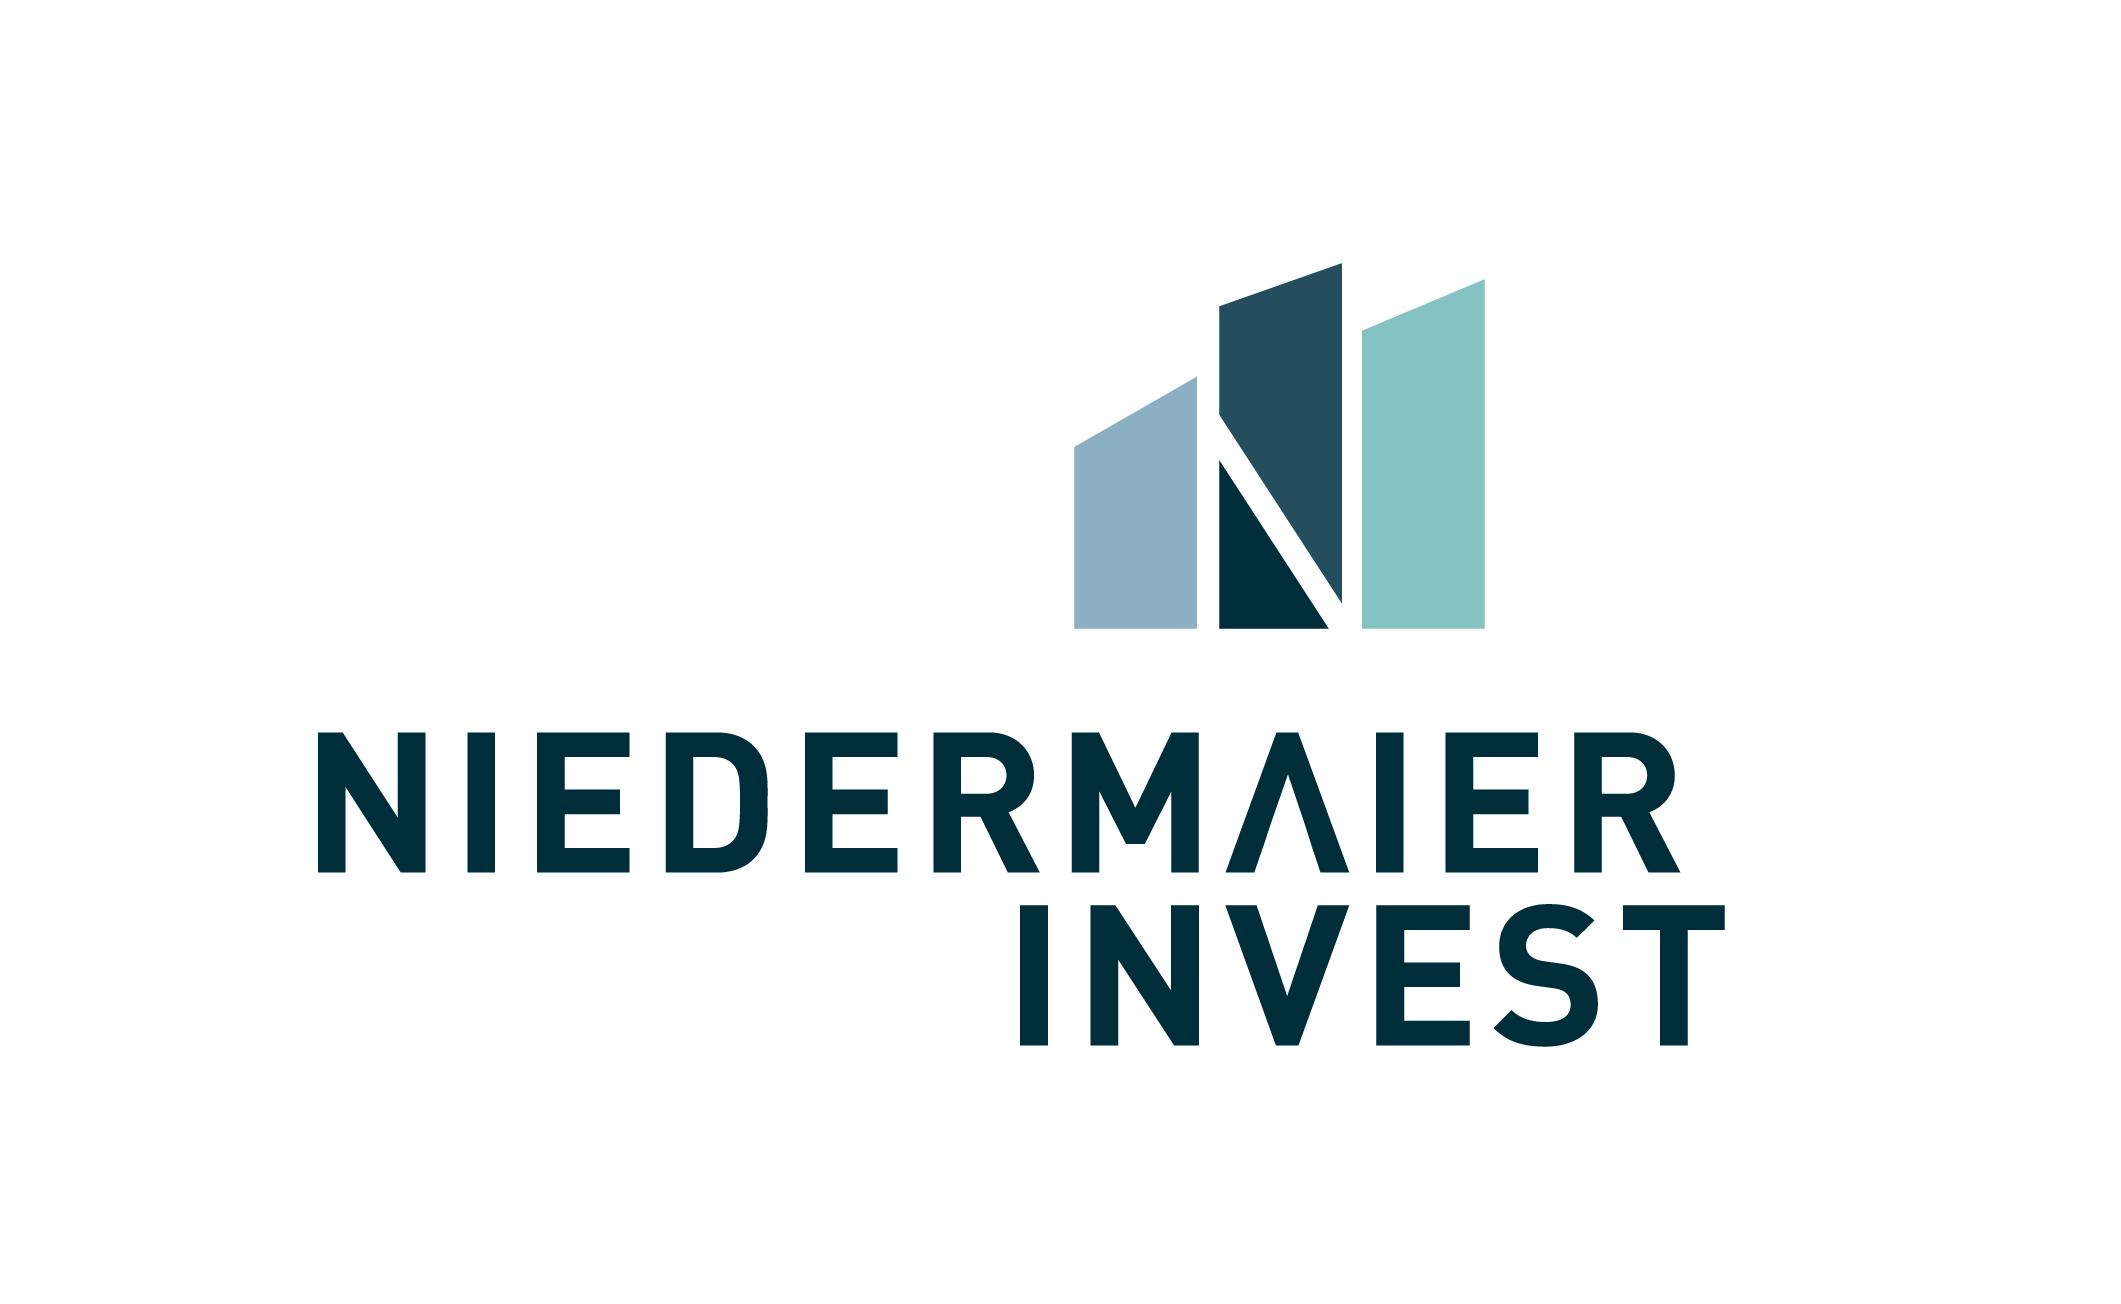 Niedermaier Invest